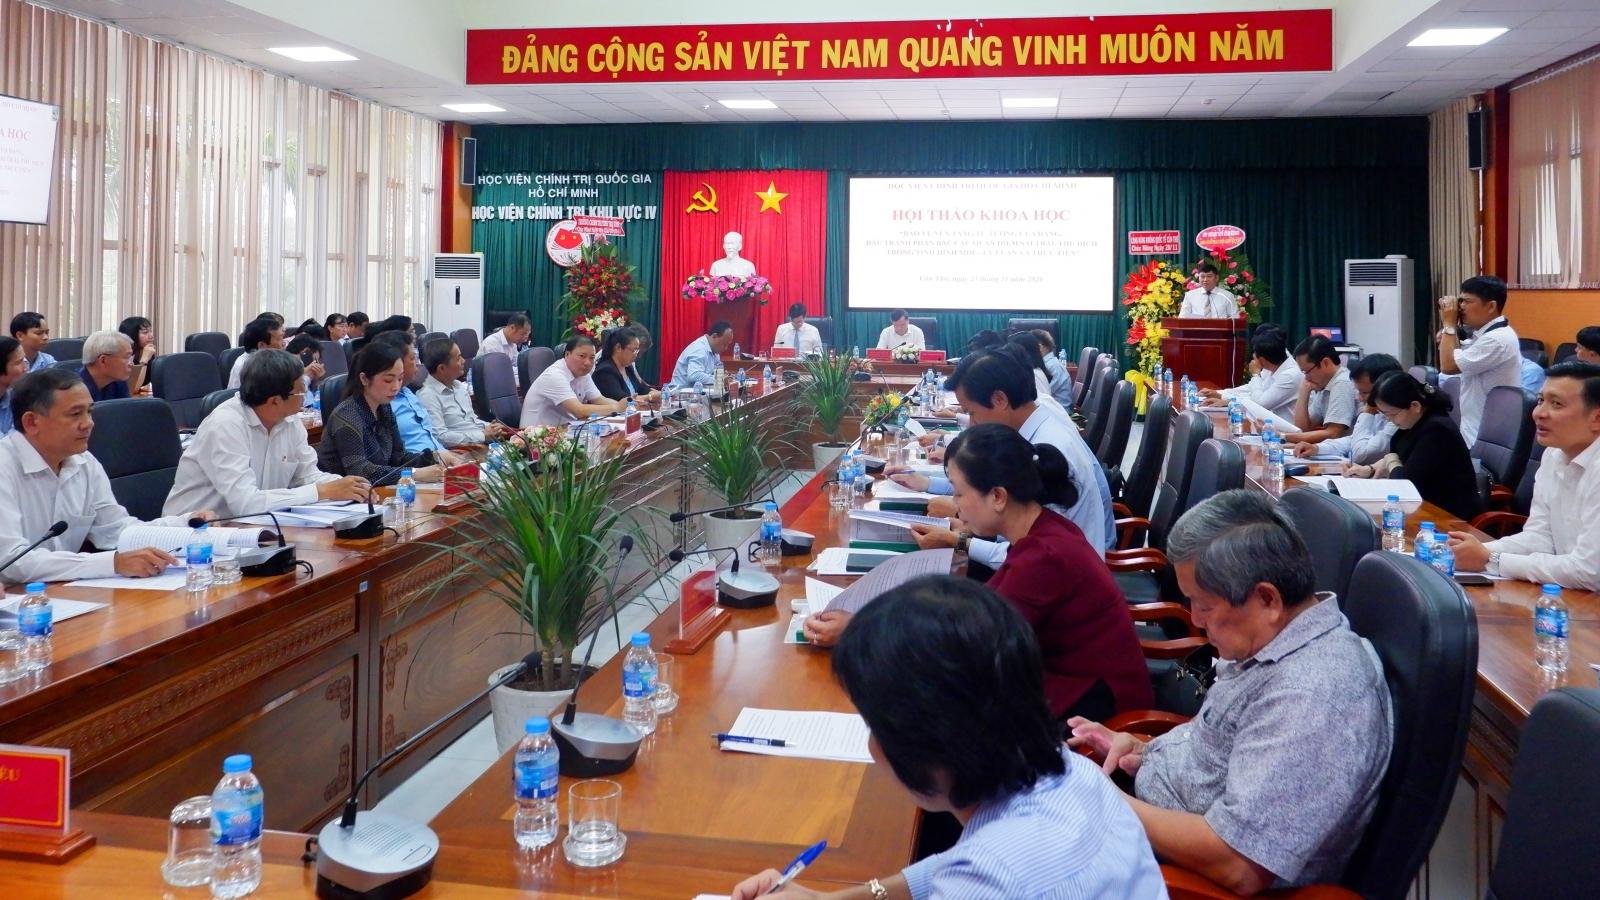 Hội thảo khoa học về bảo vệ nền tảng tư tưởng của Đảng